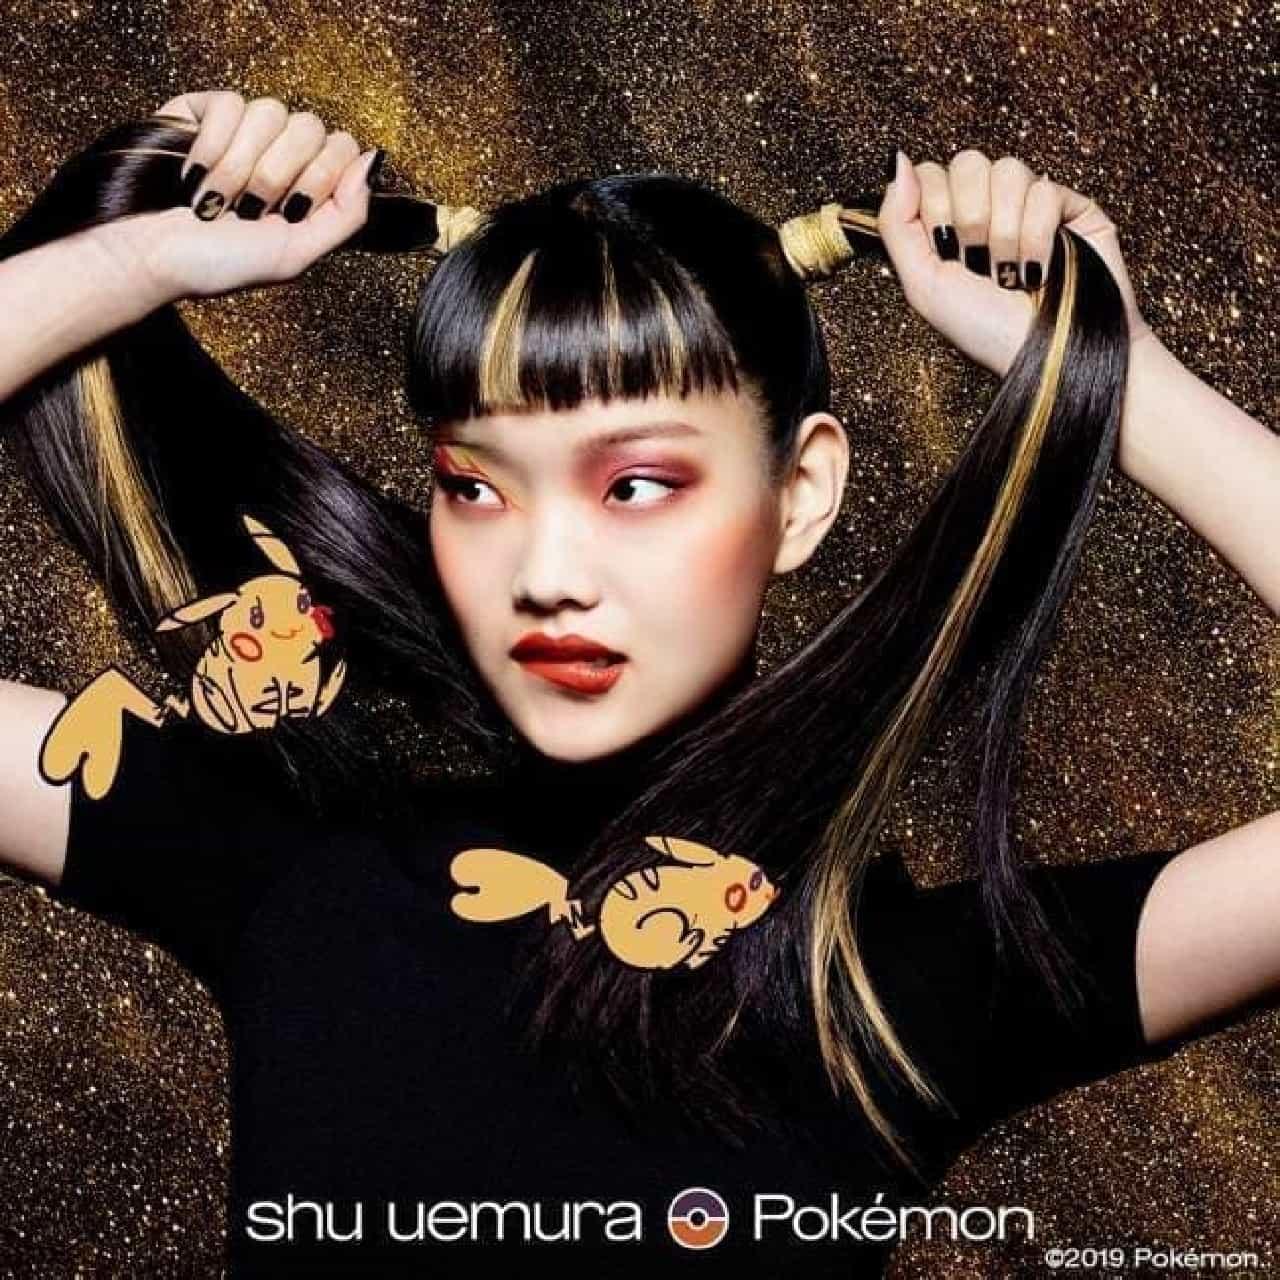 シュウ ウエムラ×ポケモン コレクションでメイクした女性